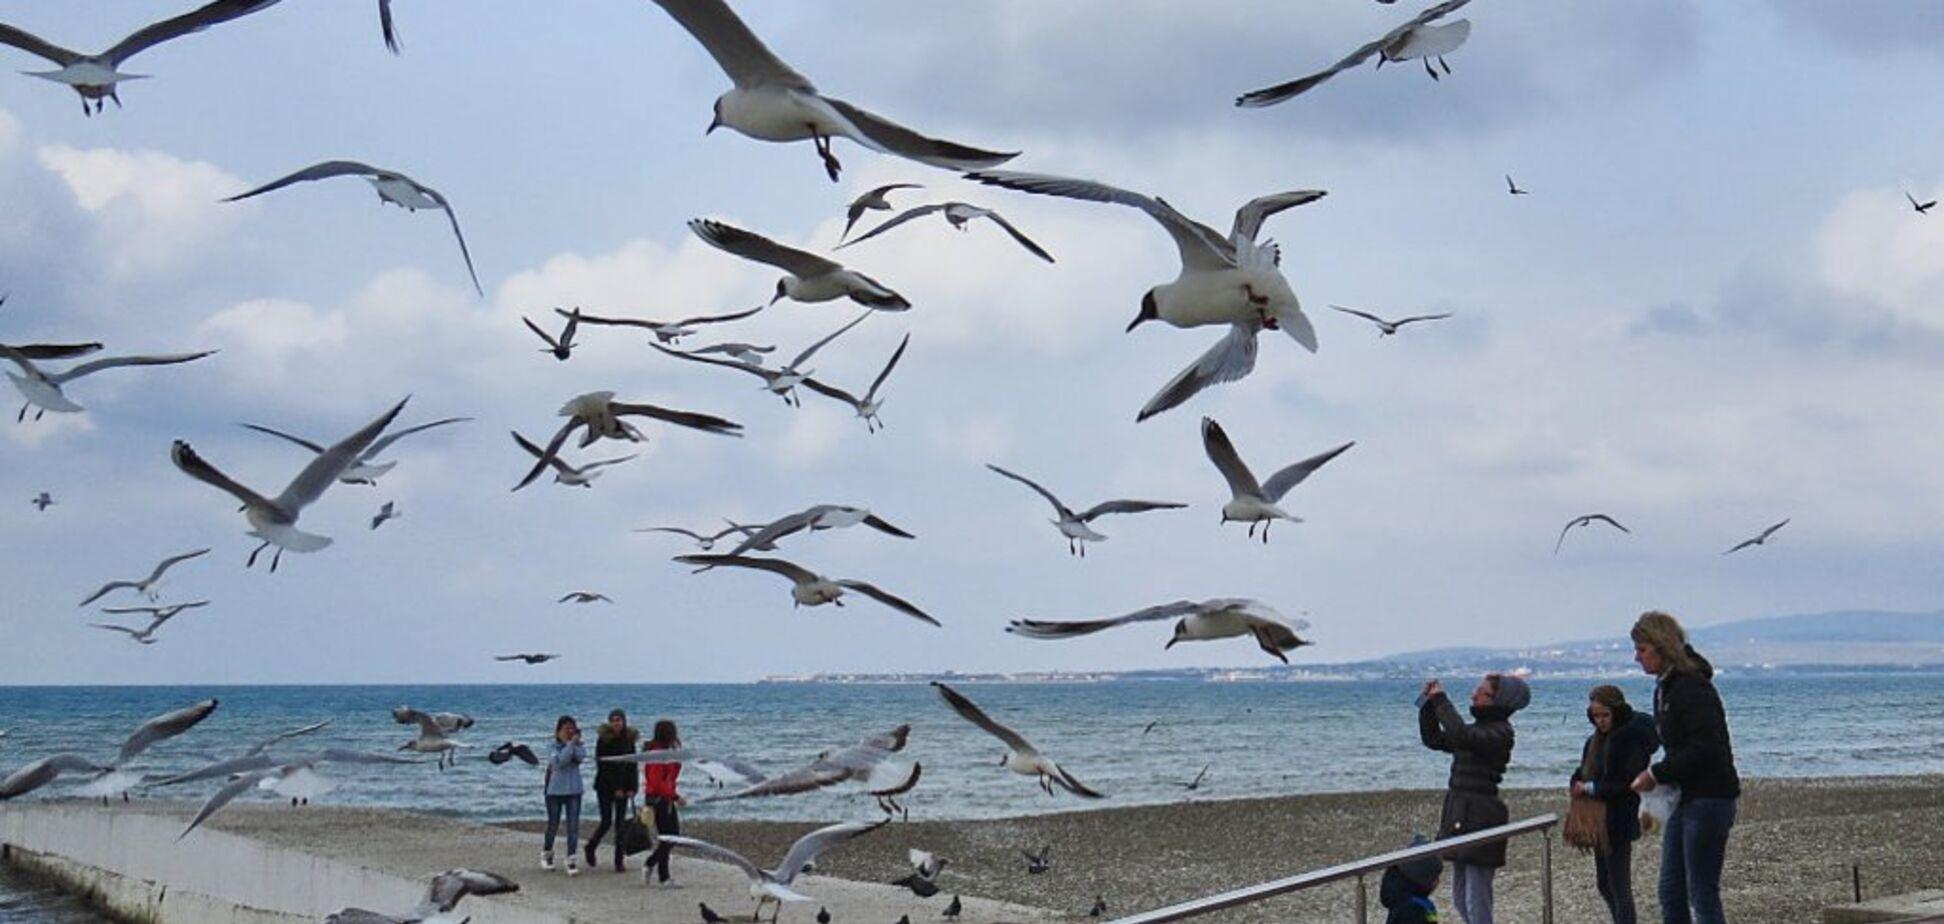 В Україні почався масовий мор птахів: знайдено сотні мертвих чайок